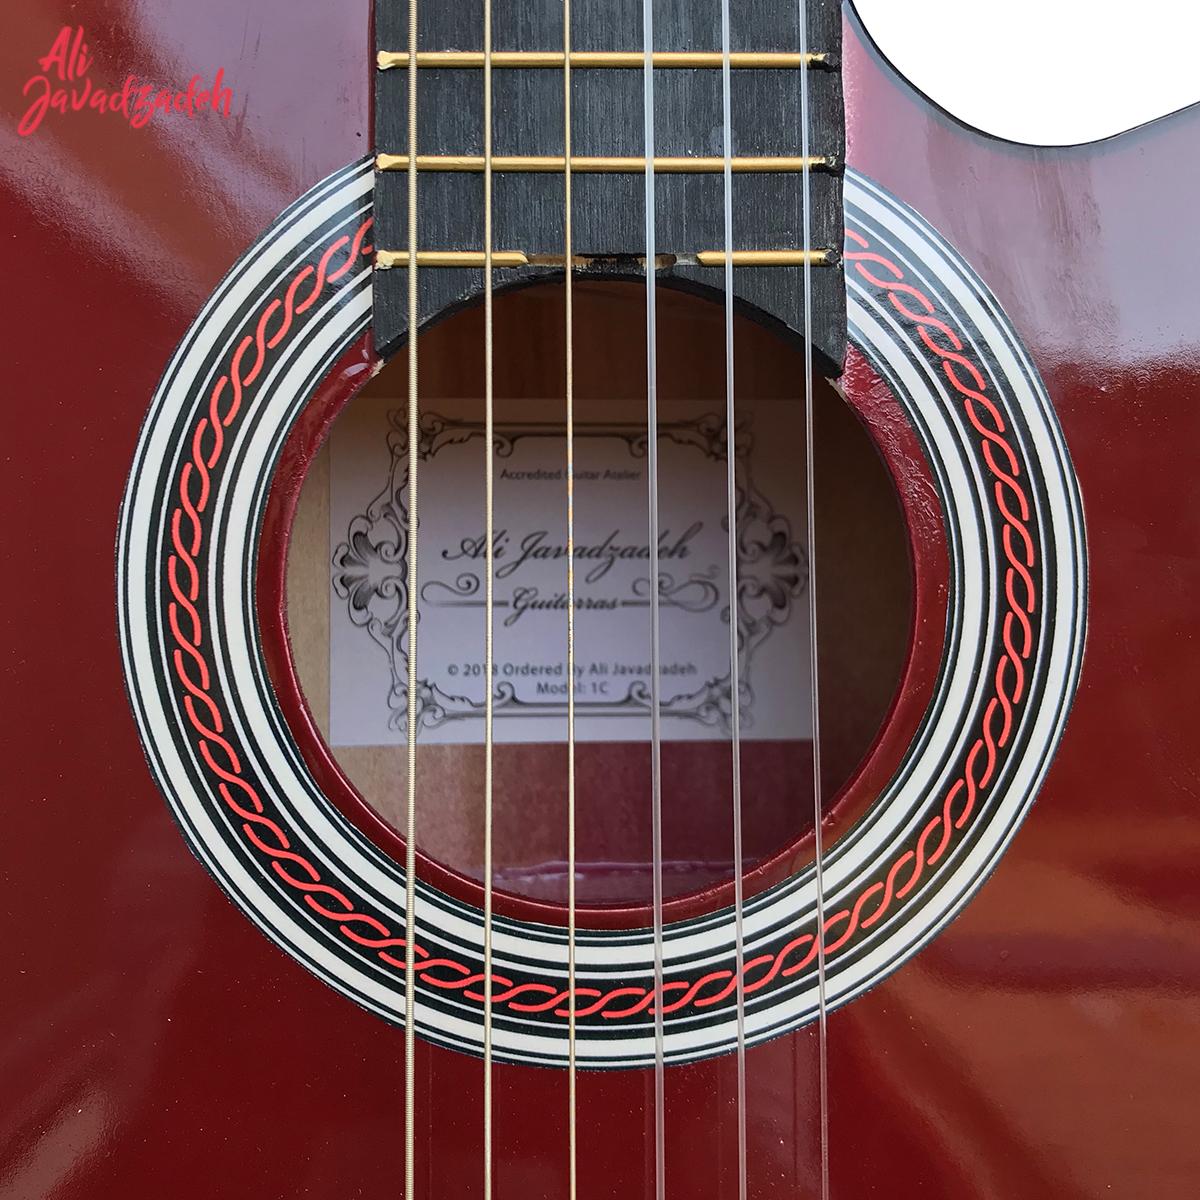 گیتار کلاسیک علی جوادزاده مدل 1C-20